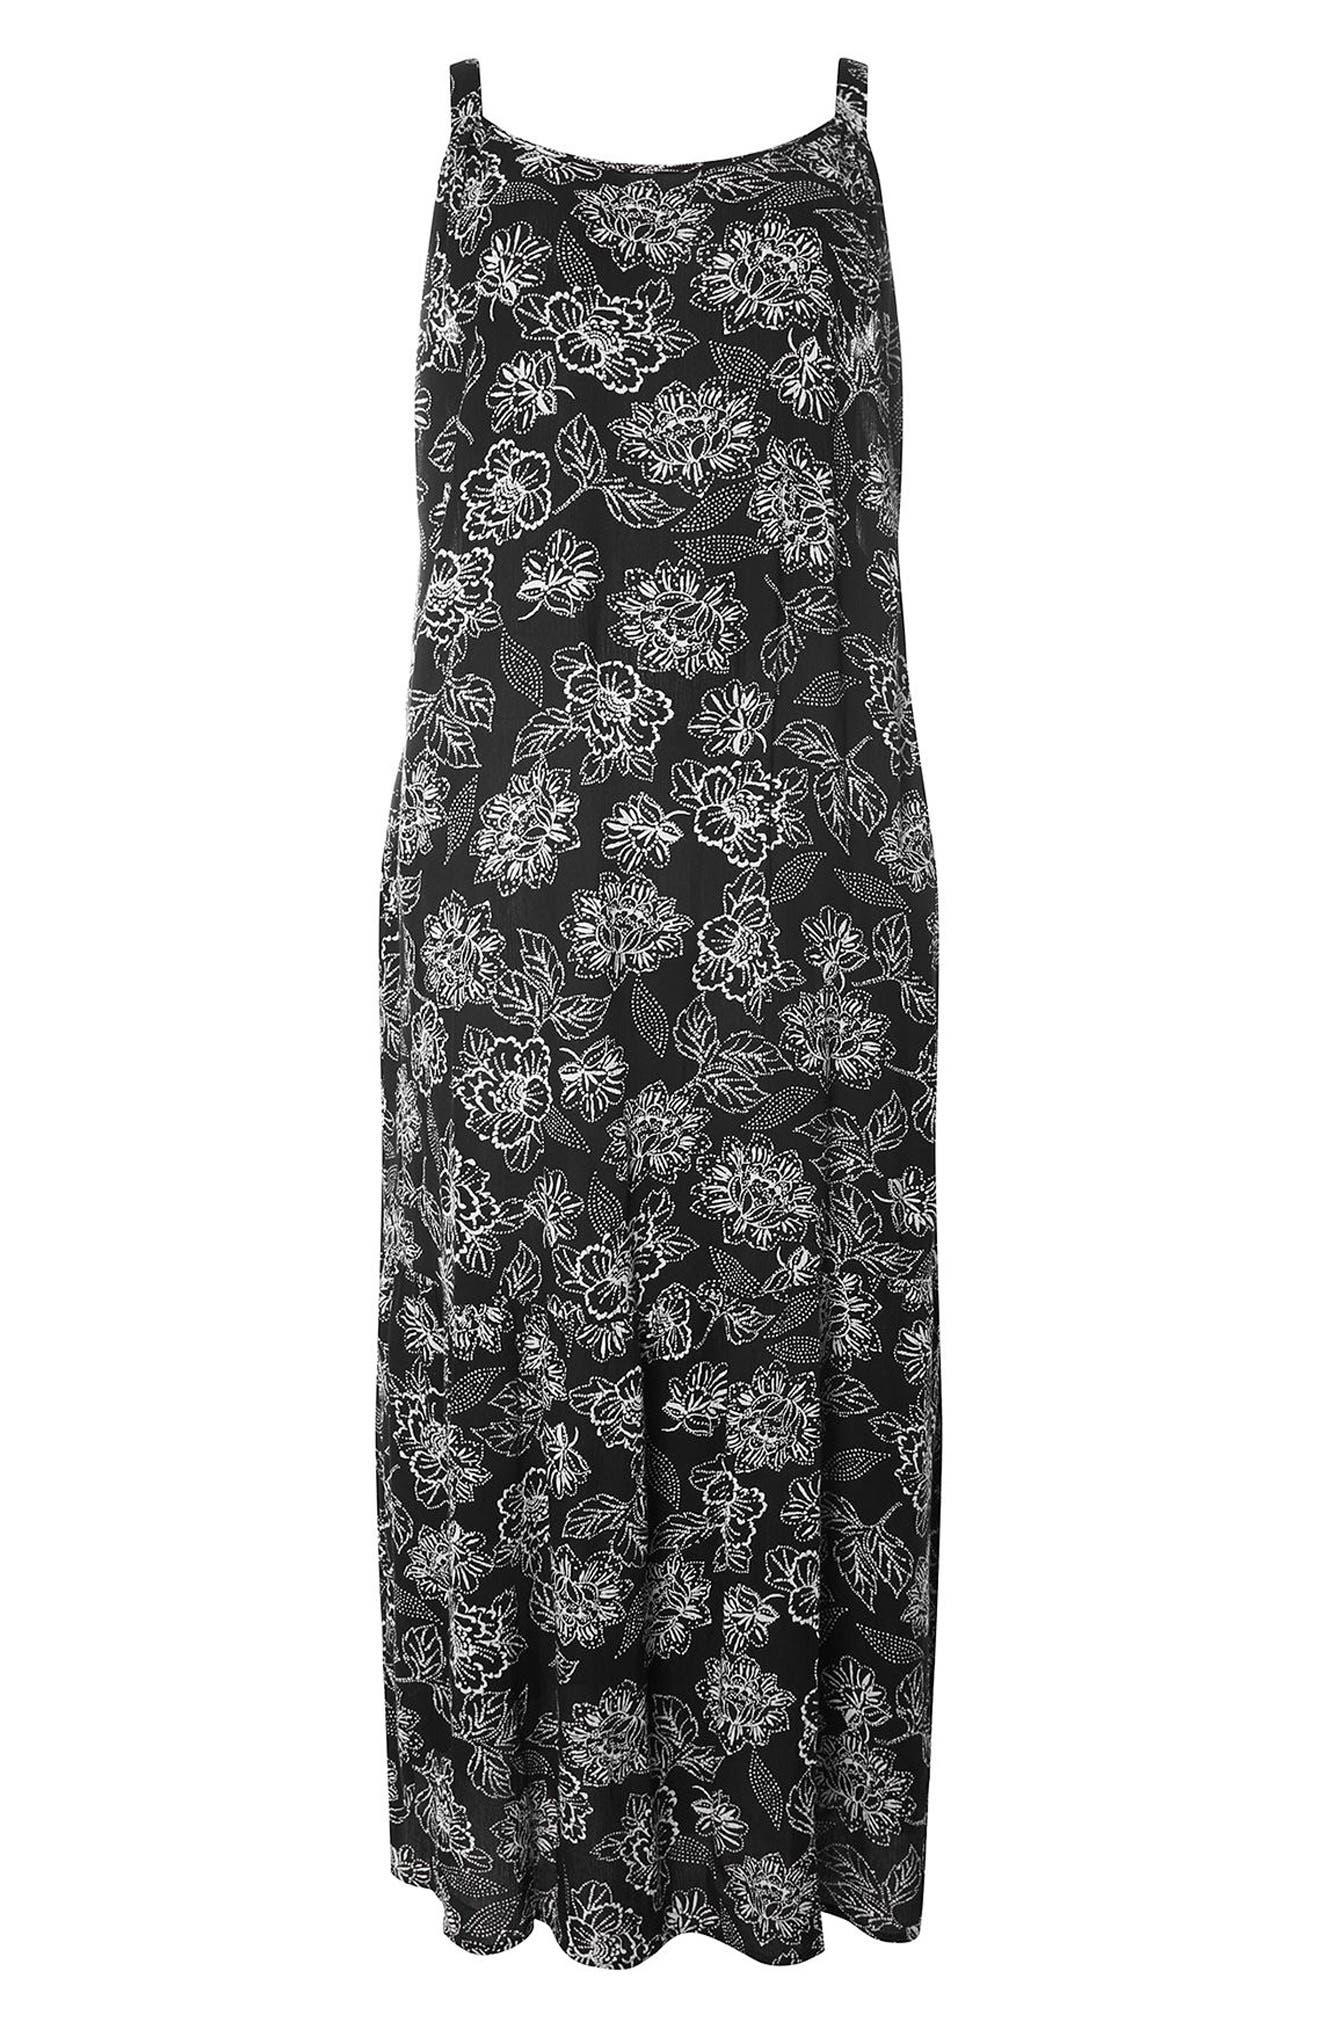 EVANS Print Maxi Dress